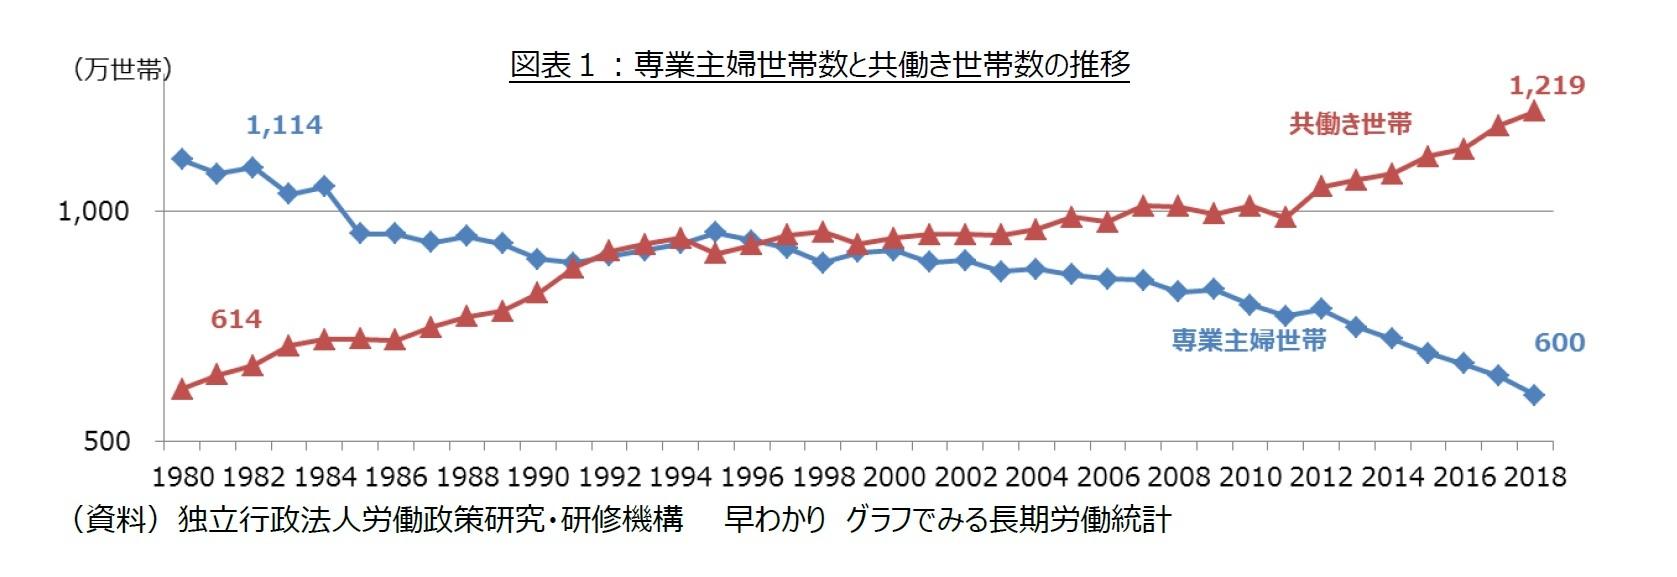 図表1:専業主婦世帯数と共働き世帯数の推移